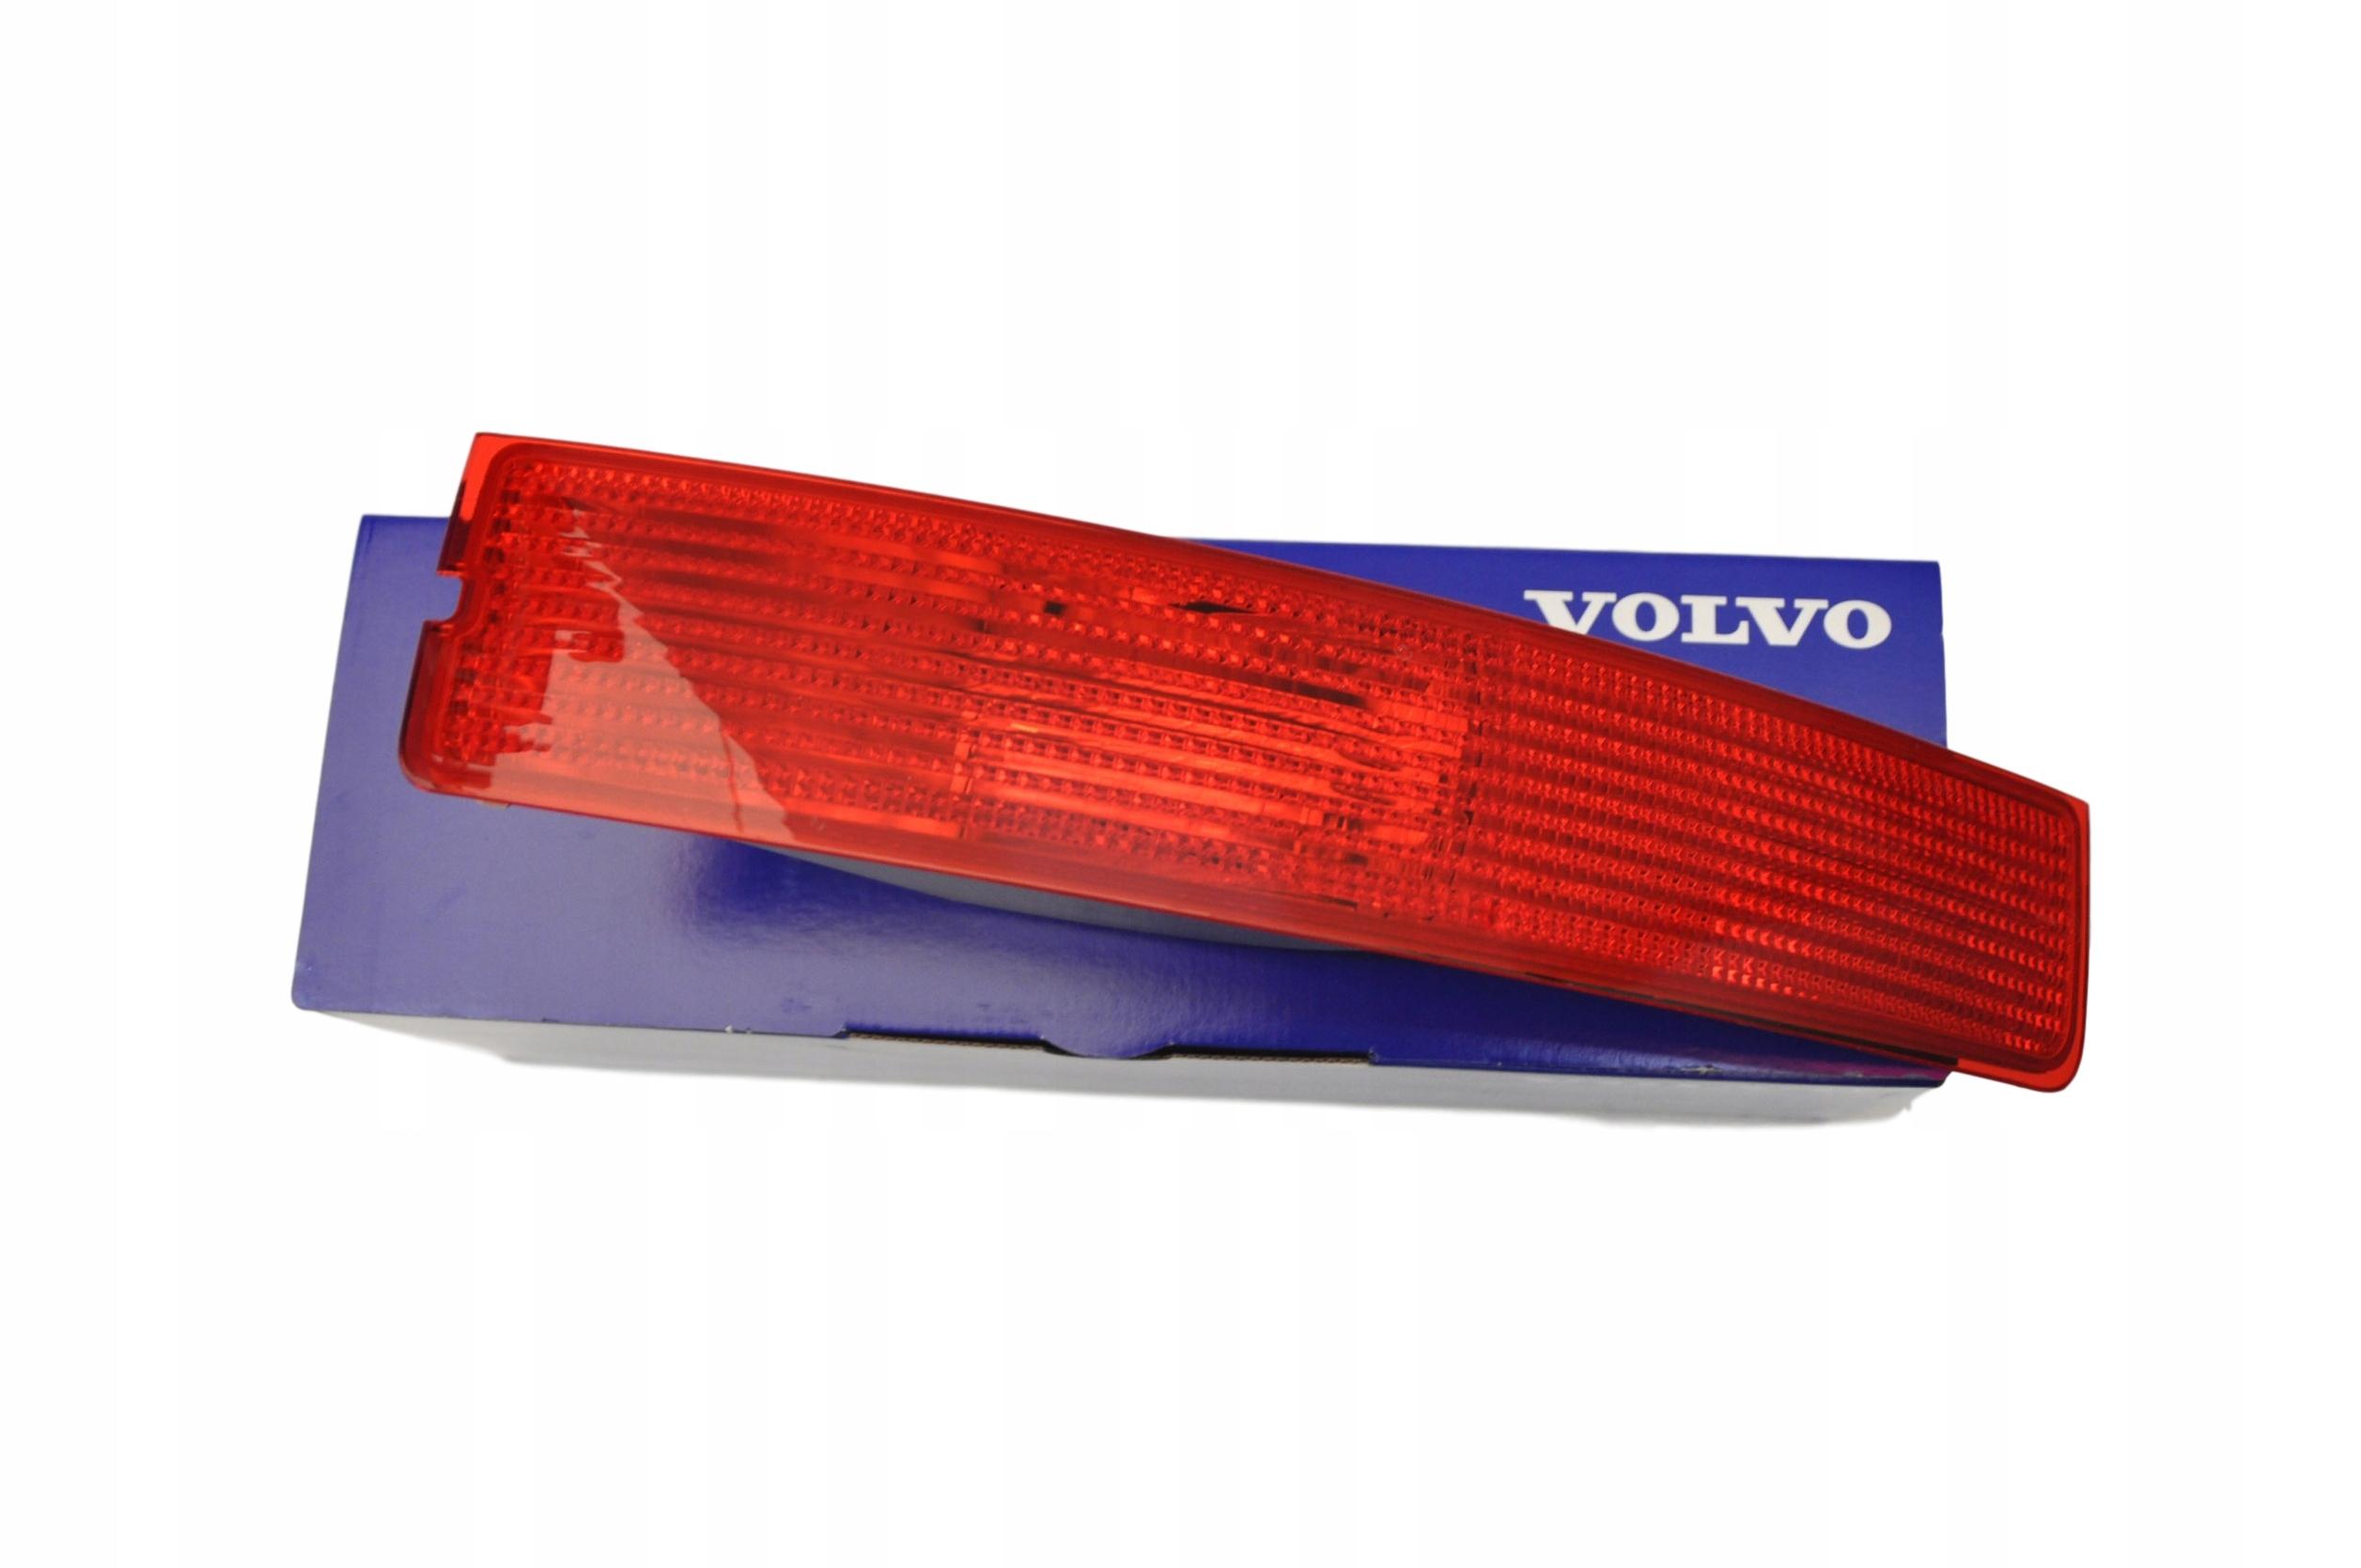 XC90 Vasak Tagastange Reflektor 2007-